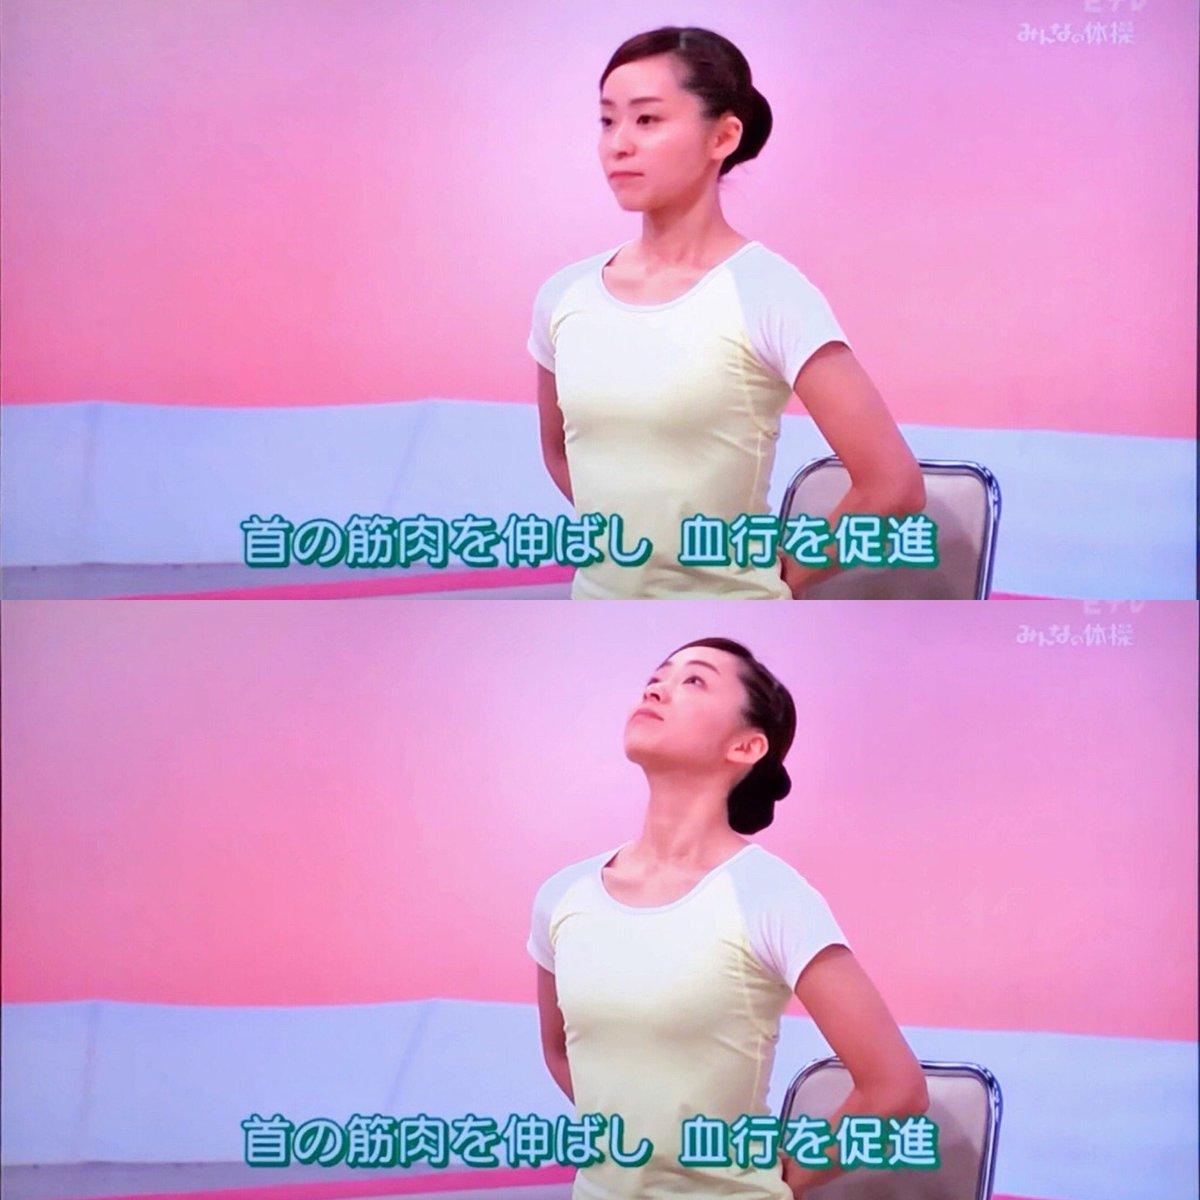 五日市祐子 テレビ体操2020